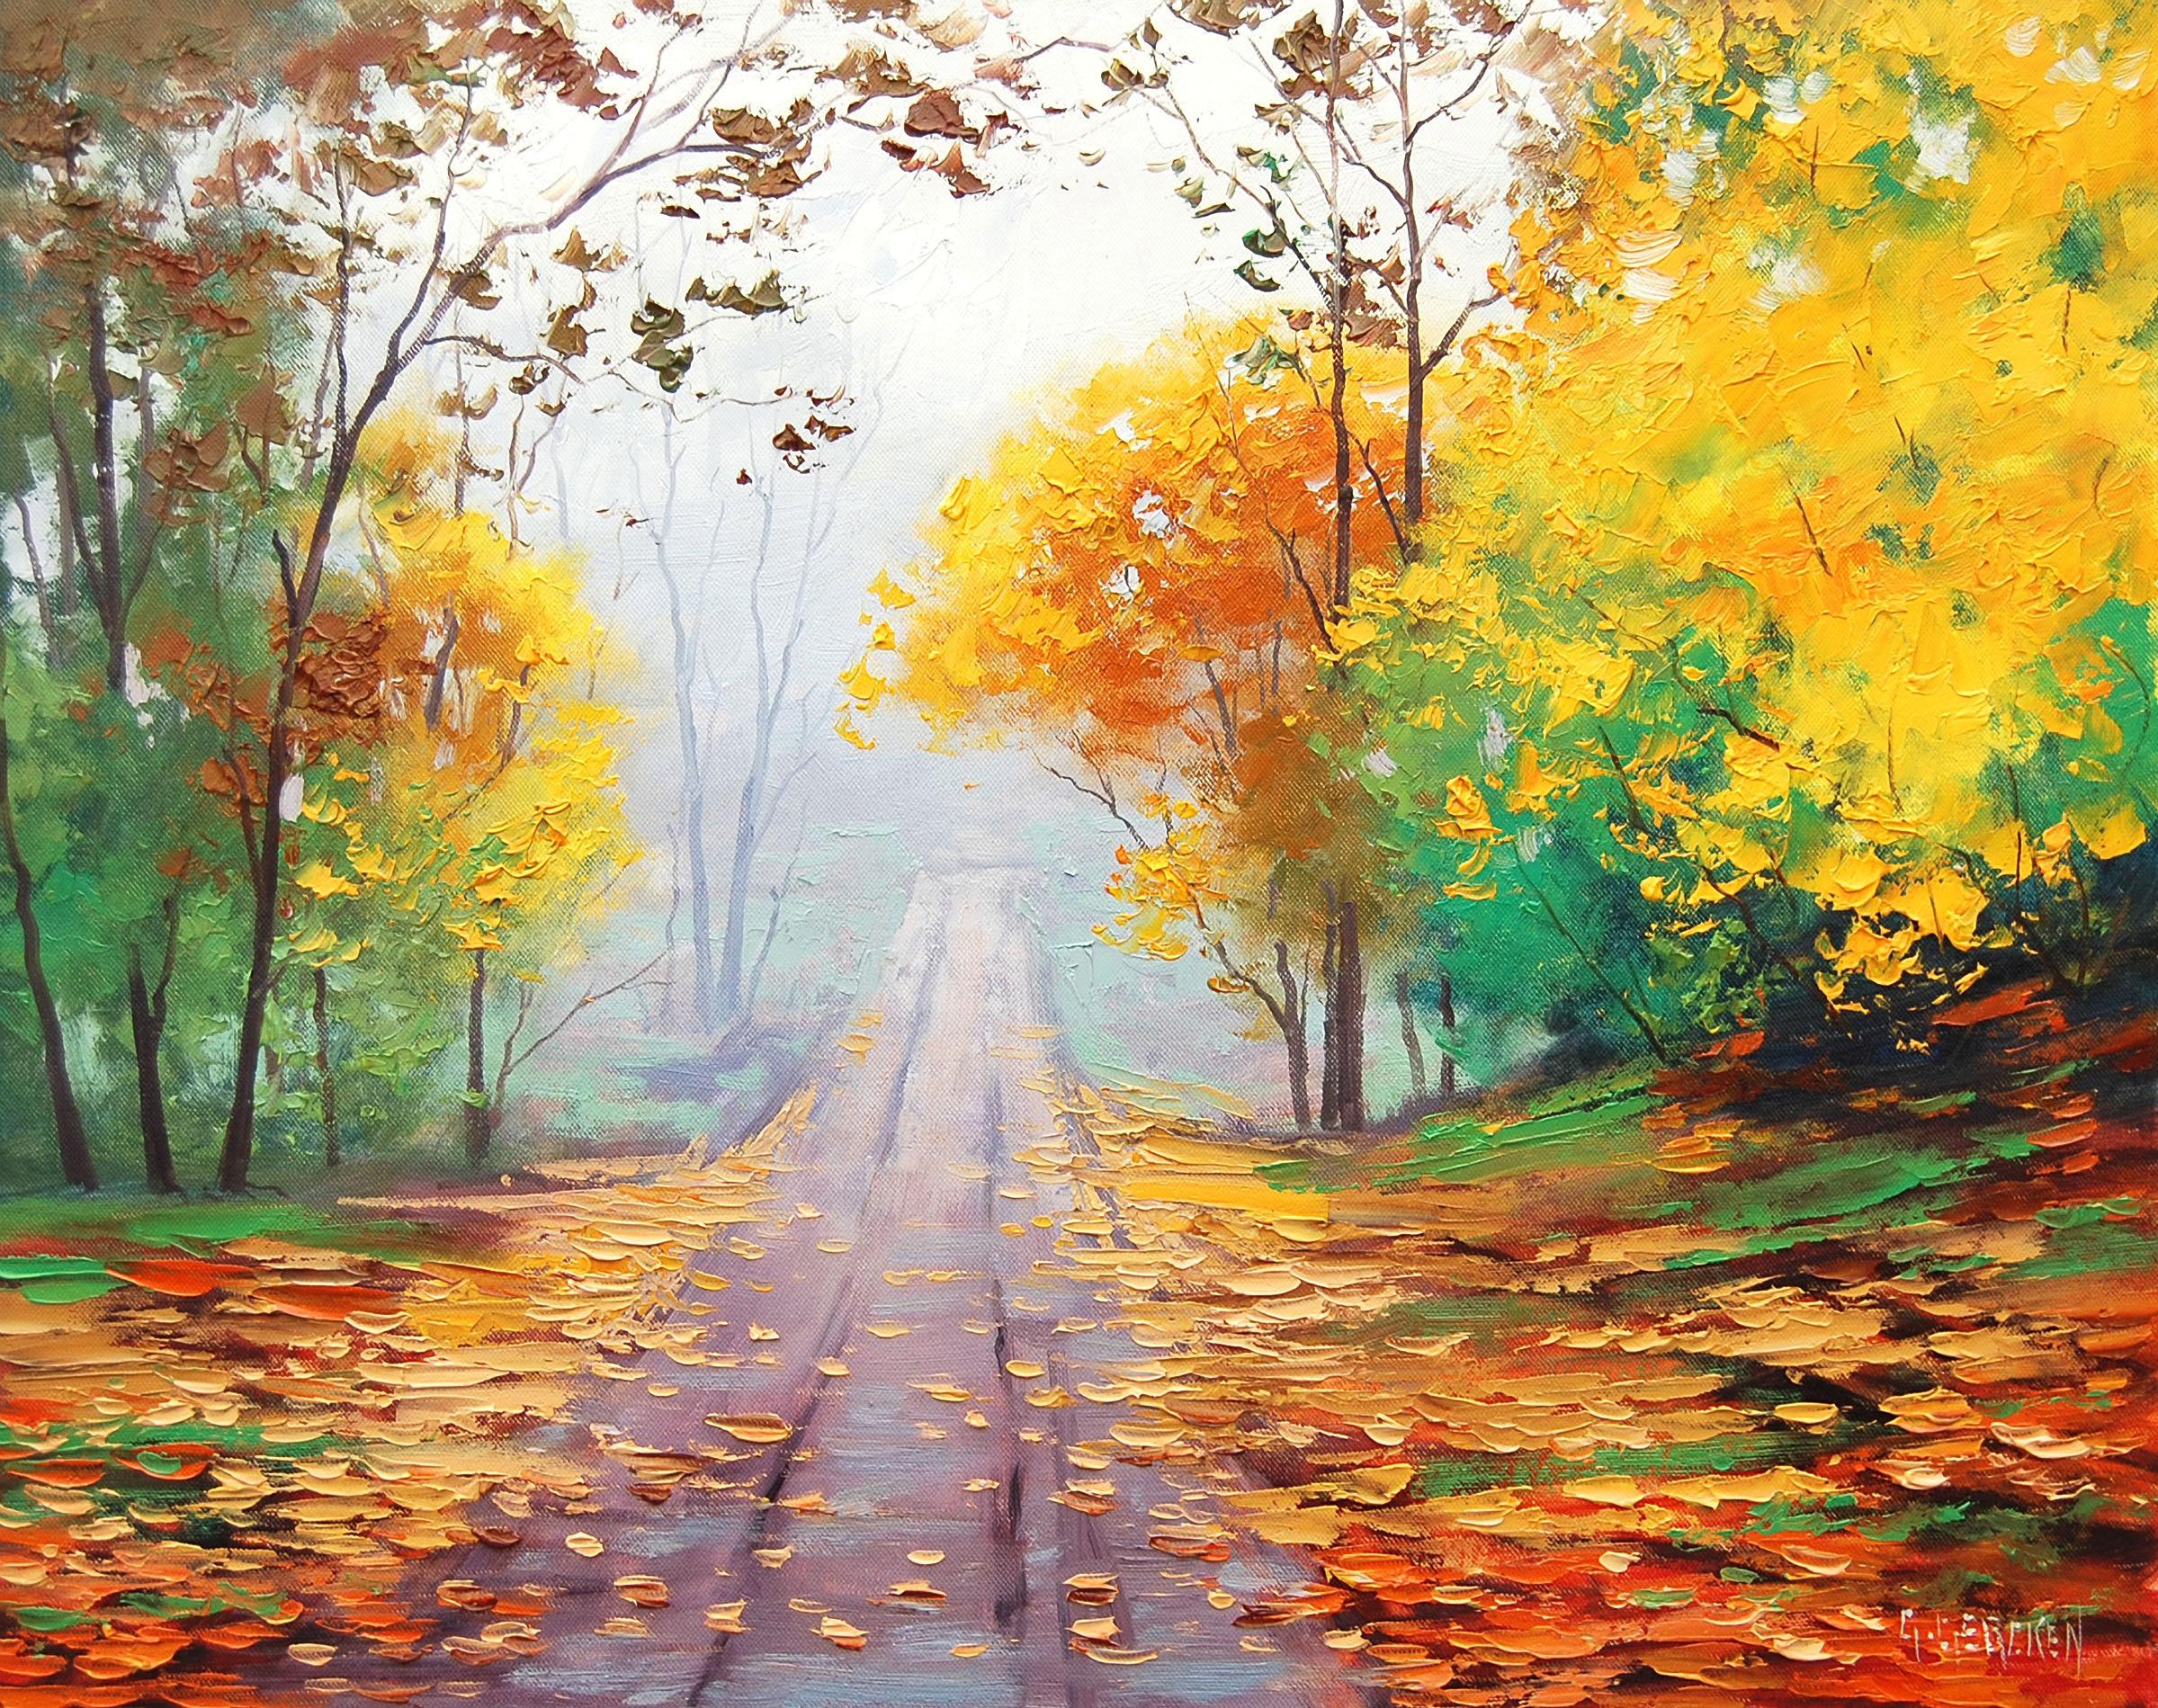 Romantic Ipad Wallpaper: Impressionist Backgrounds ·① WallpaperTag